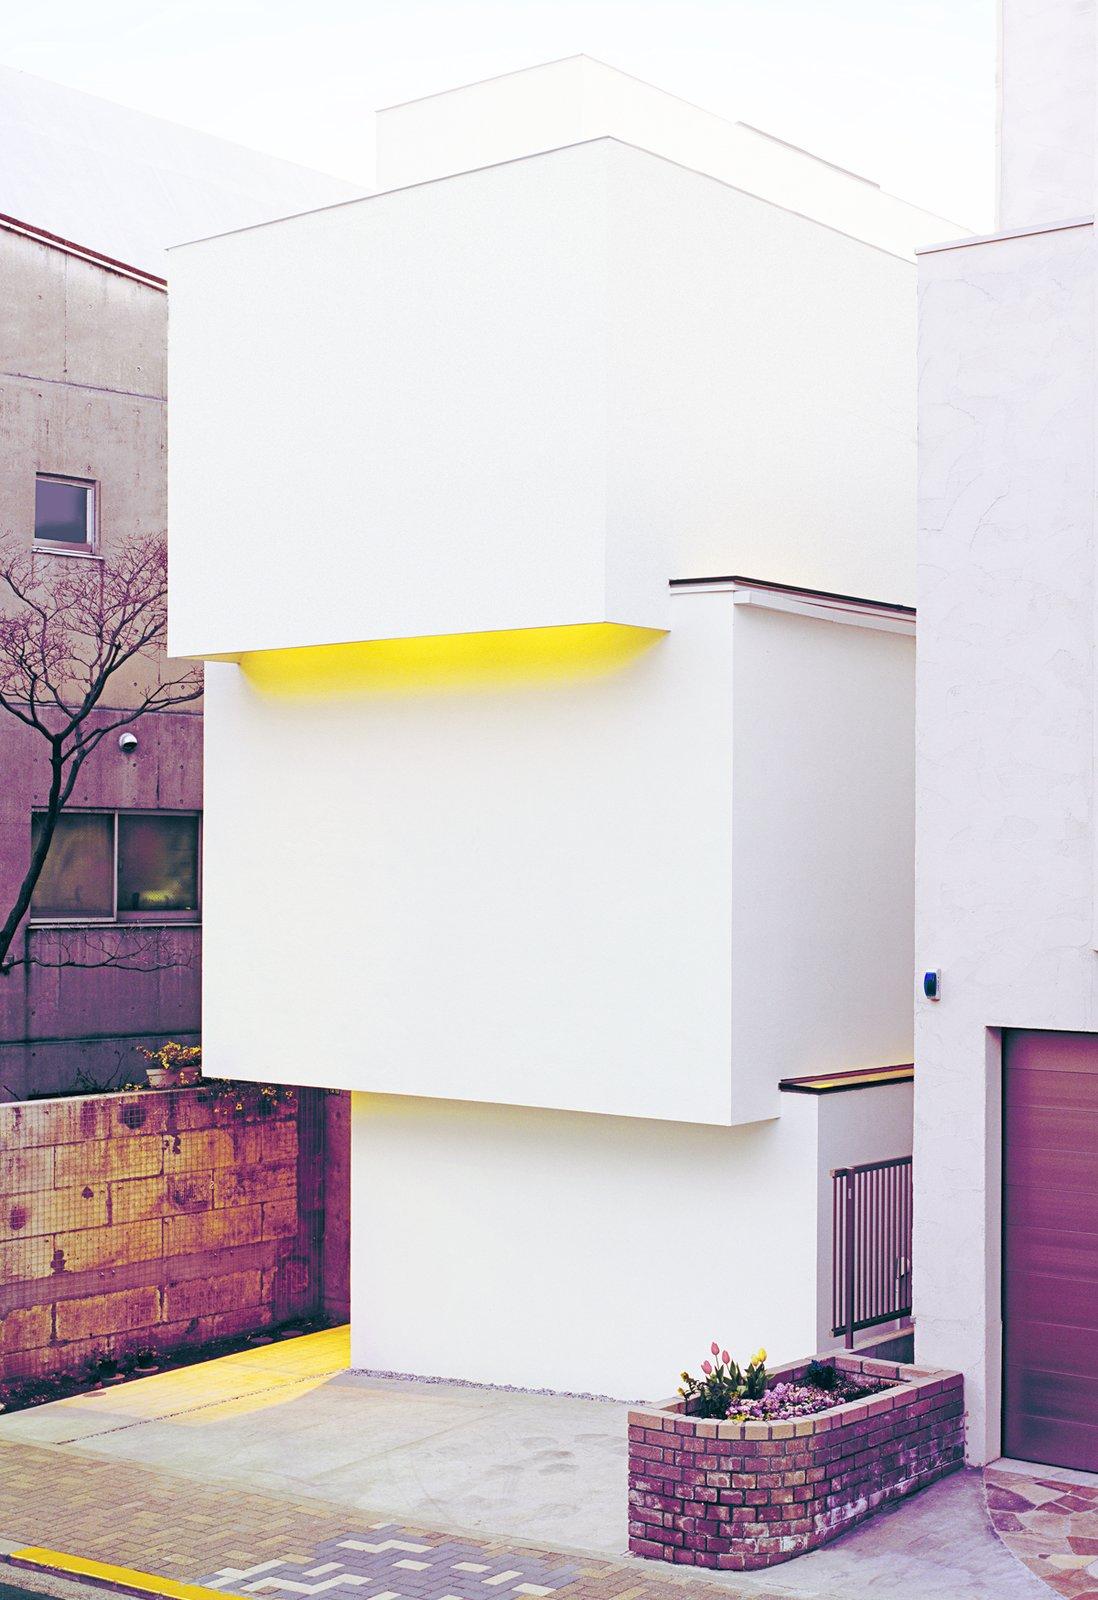 OBI-House by Tetsushi Tominaga, 2013, in Bunkyo-ku, Tokyo Prefecture  Unabashedly Strange Houses in Japan